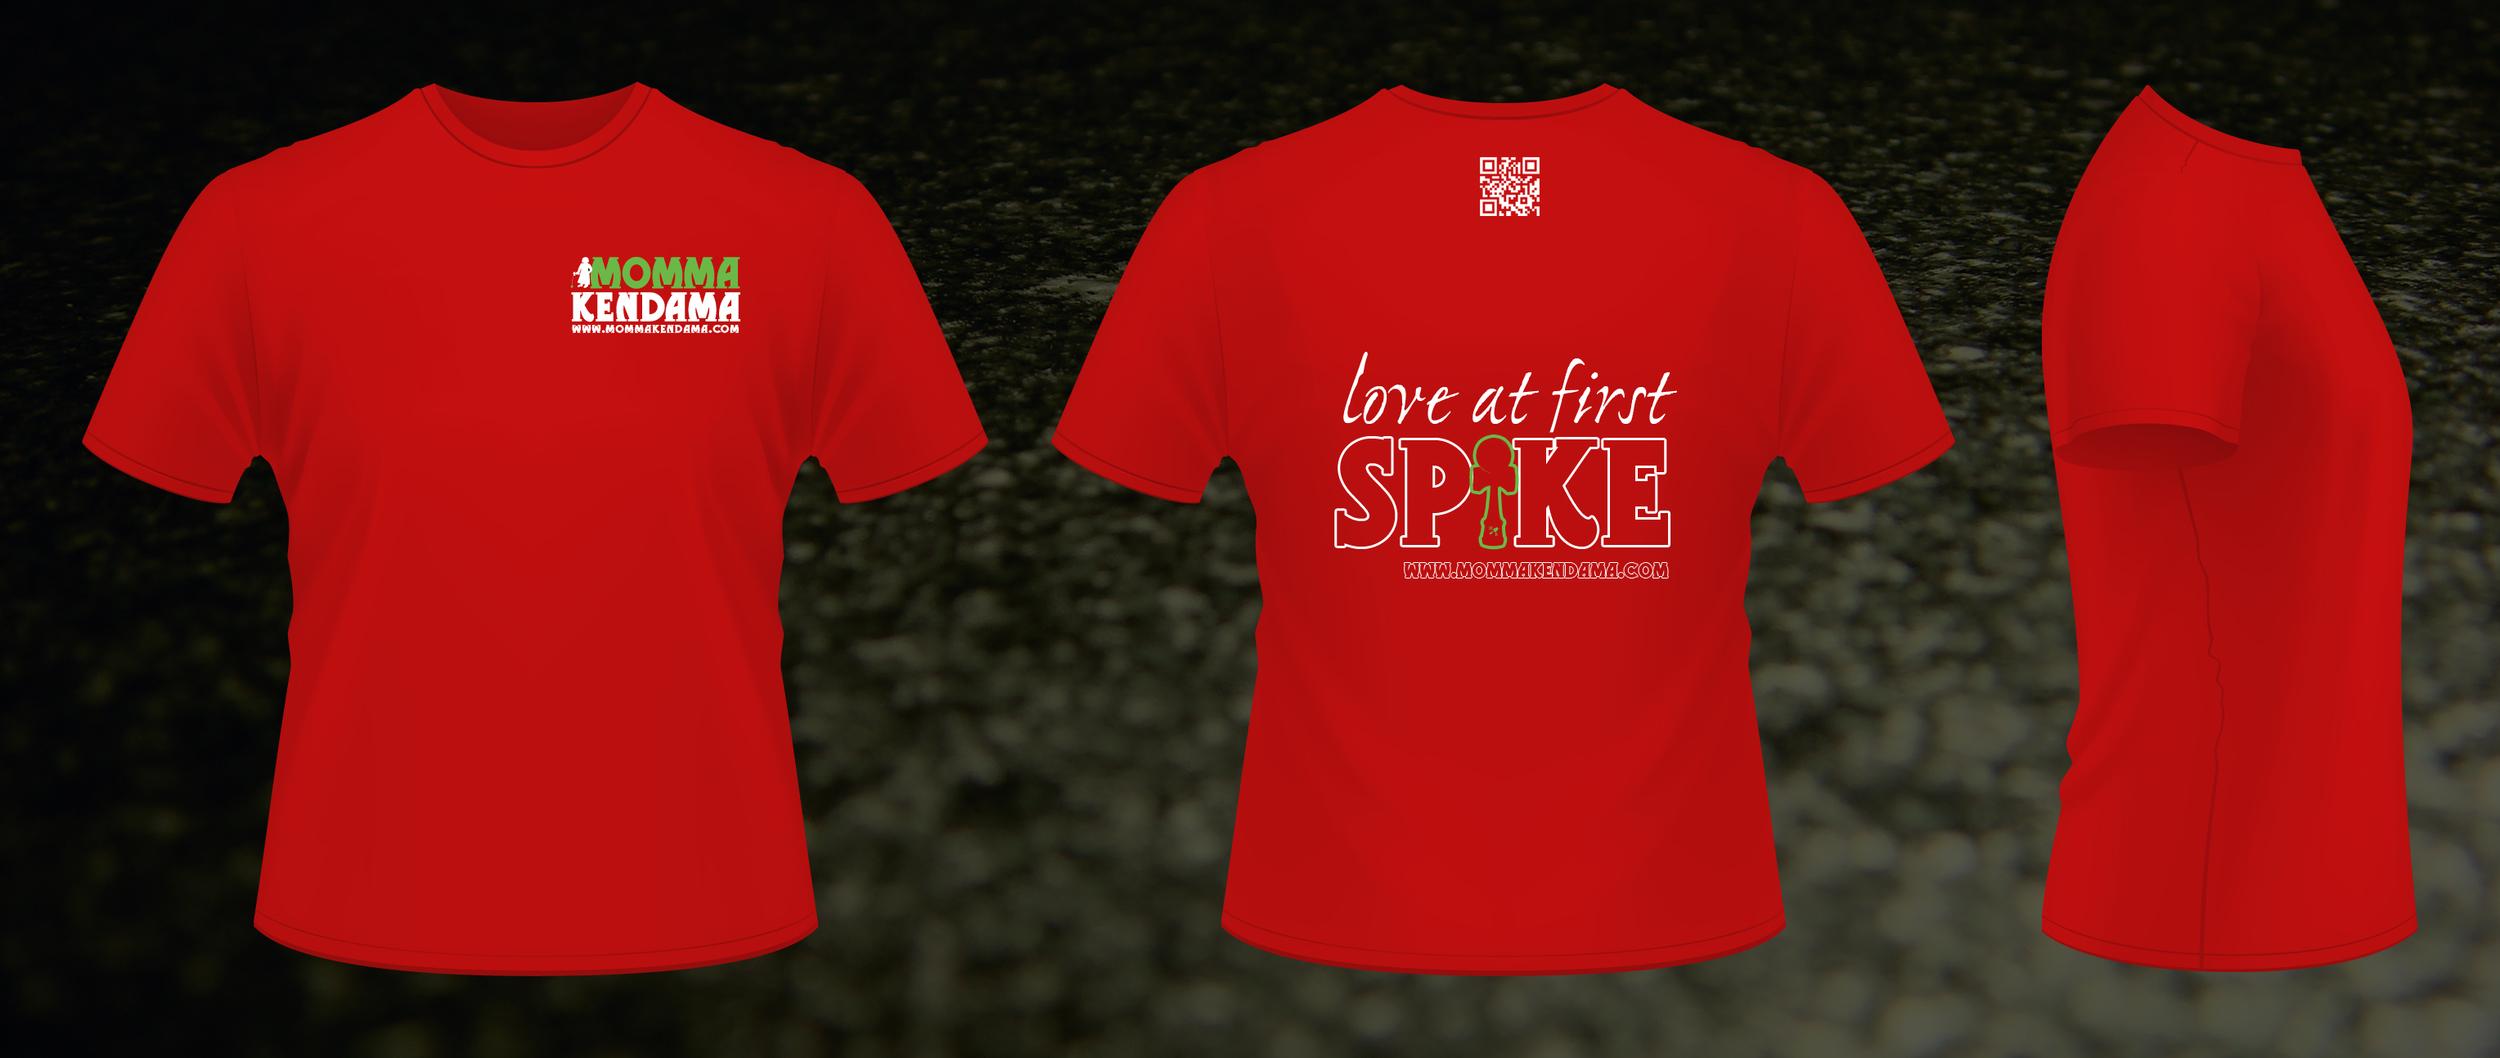 'love at first spike' t-shirt design